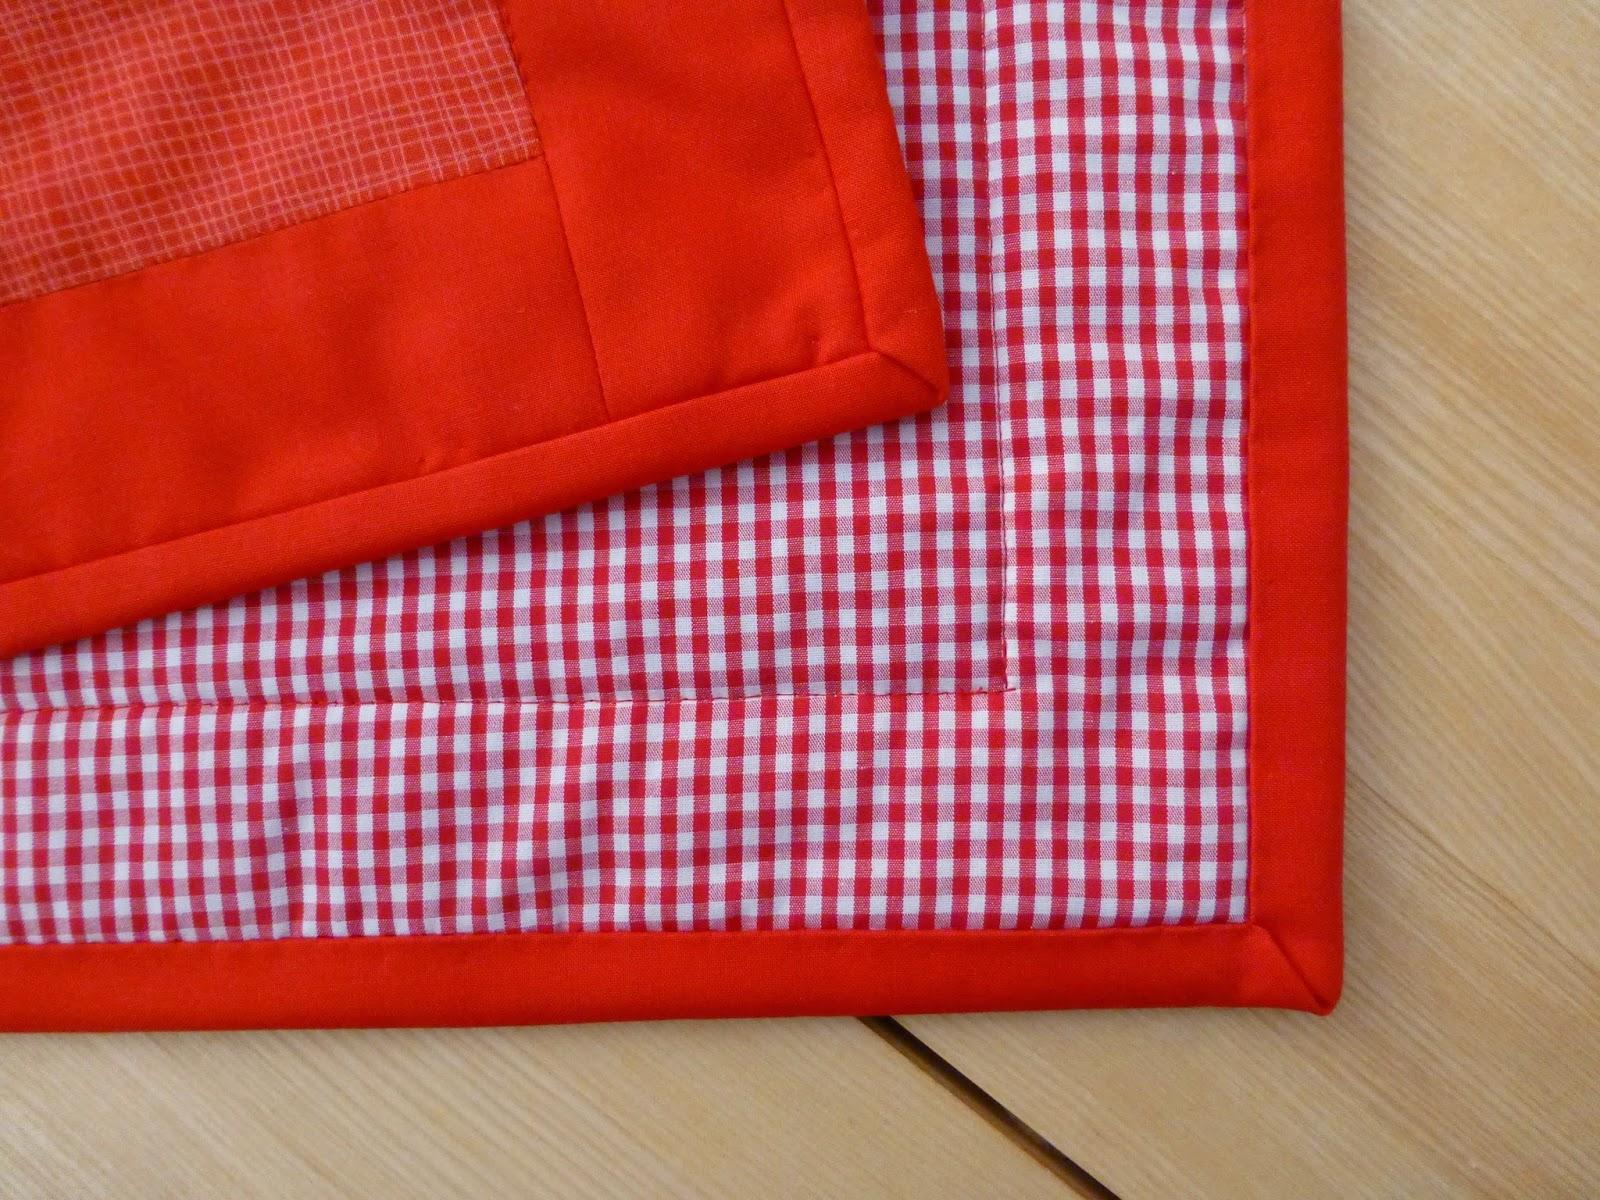 quiltmanufaktur blog binding tutorial anleitung zum einfassen eines quilts. Black Bedroom Furniture Sets. Home Design Ideas